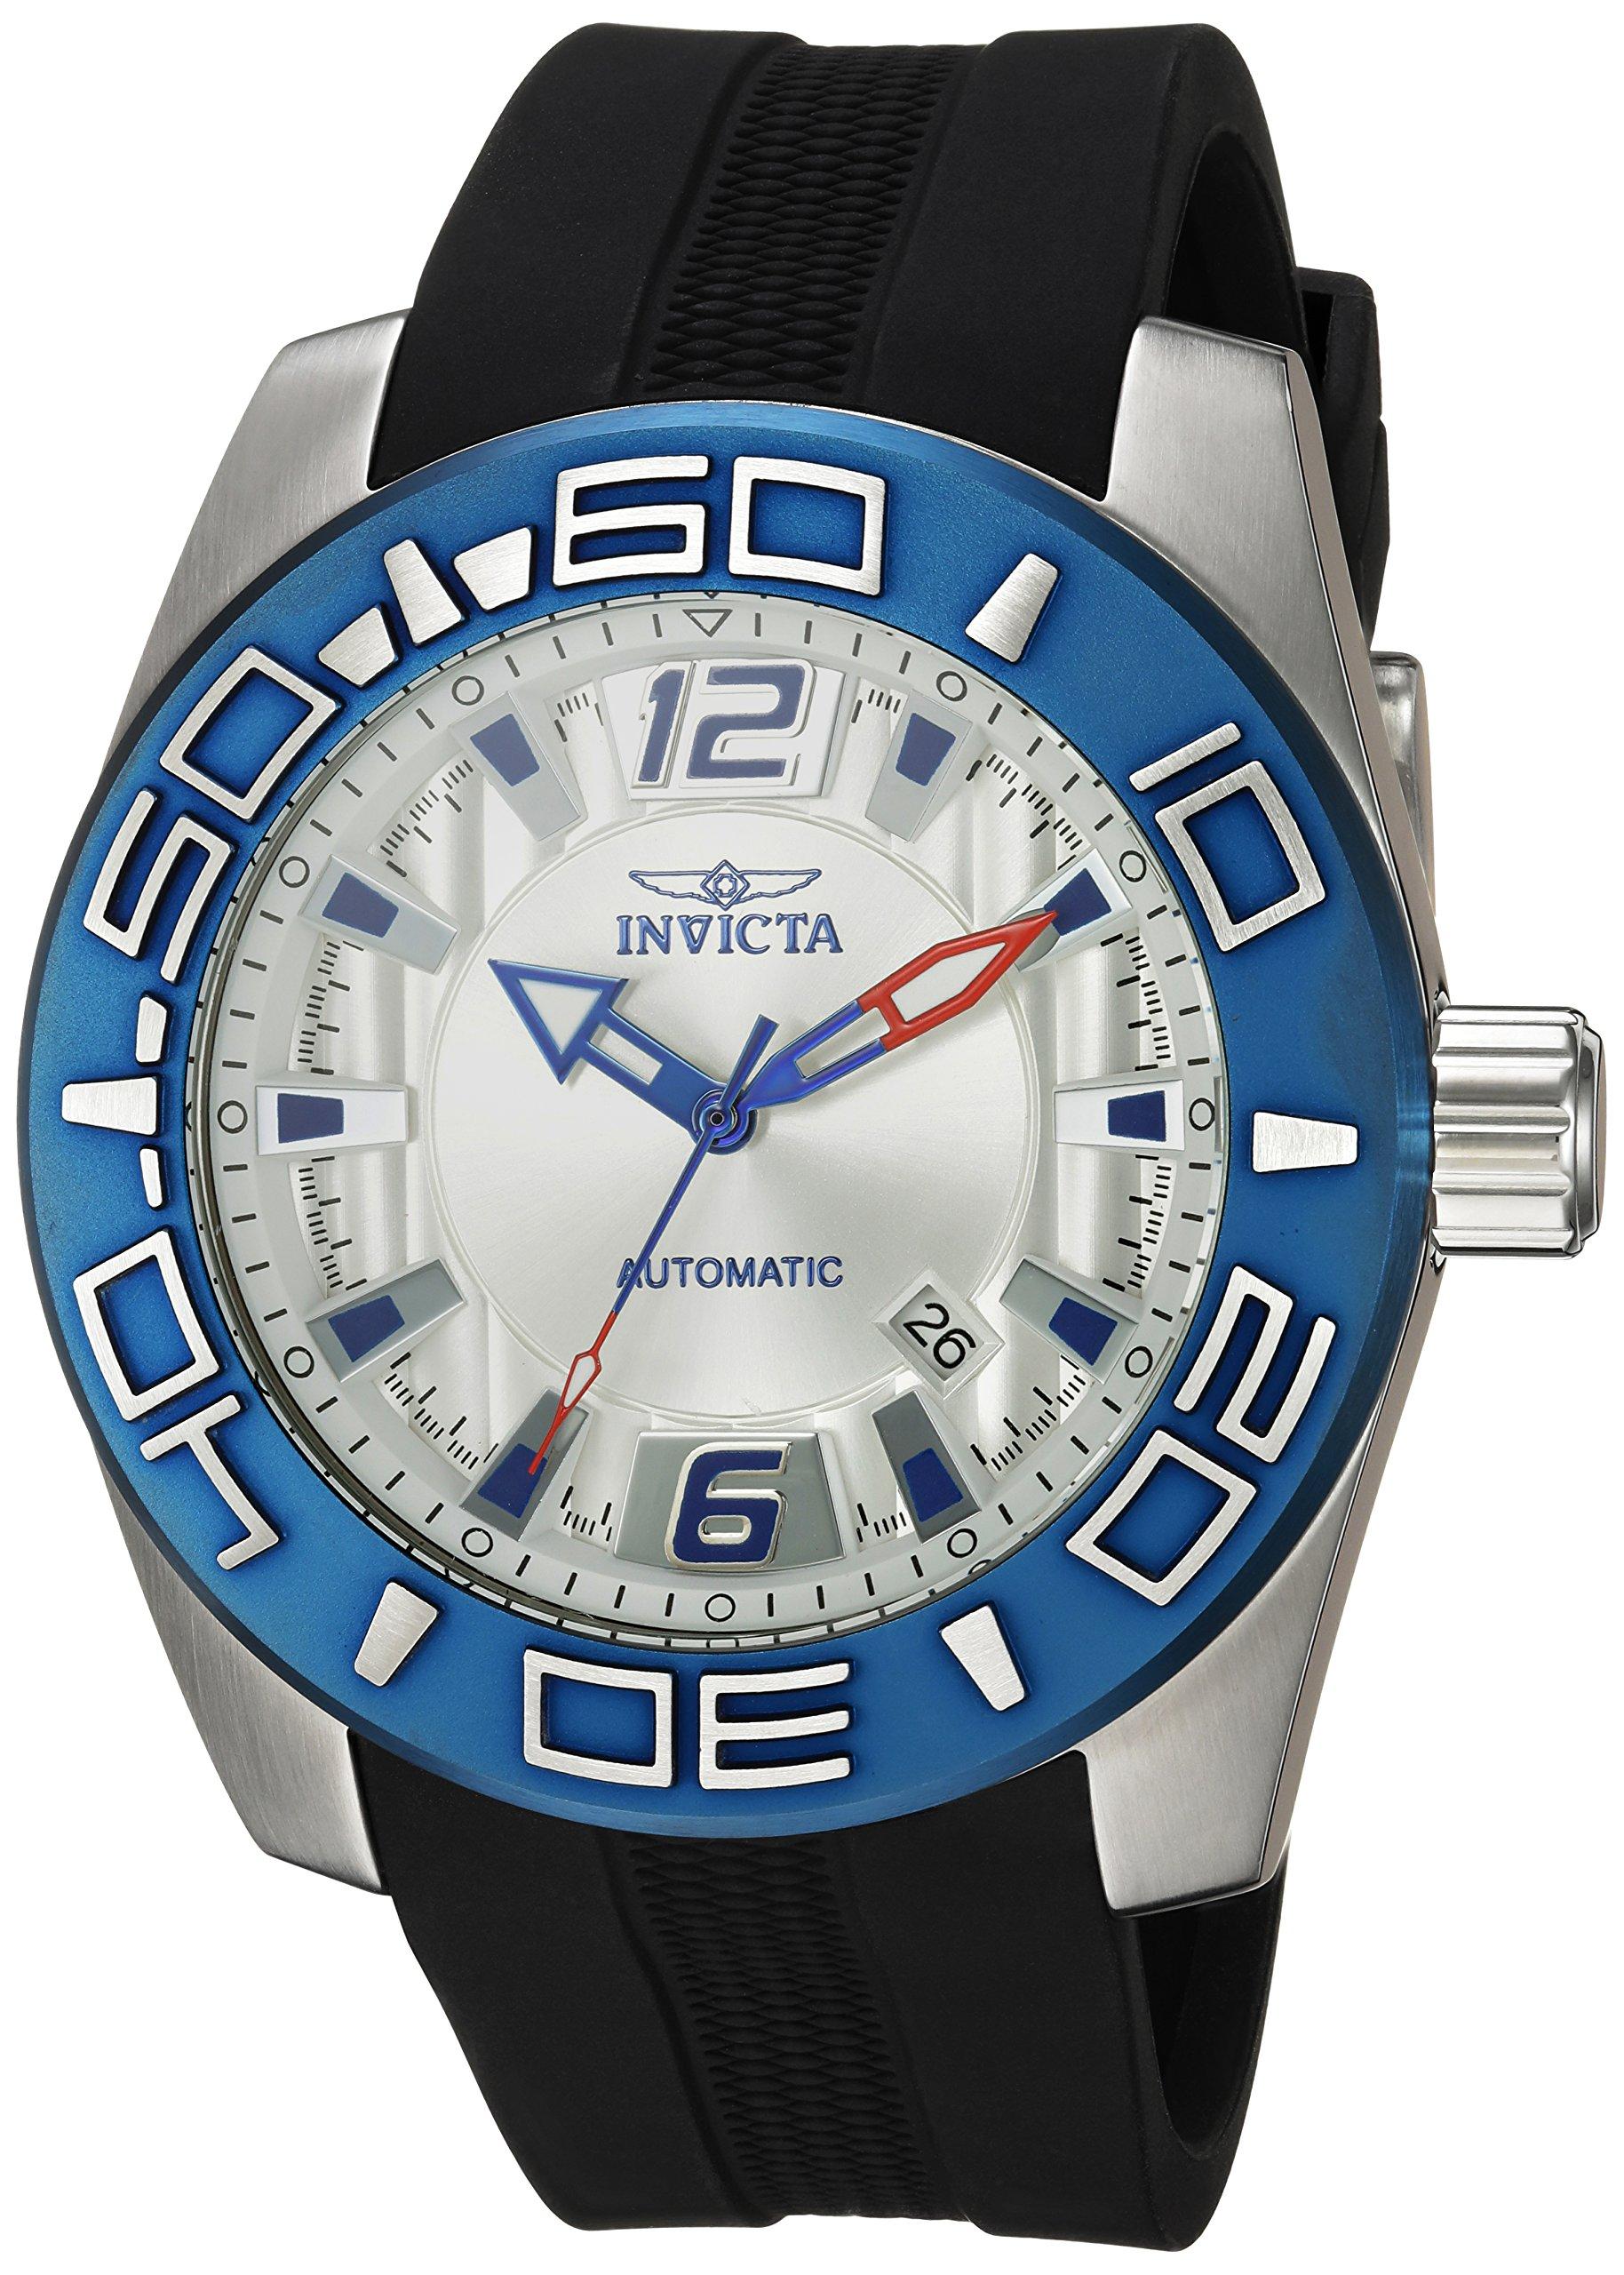 Invicta 'Aviator' automático reloj Casual de Silicona y acero inoxidable, Color negro (modelo: 23530)